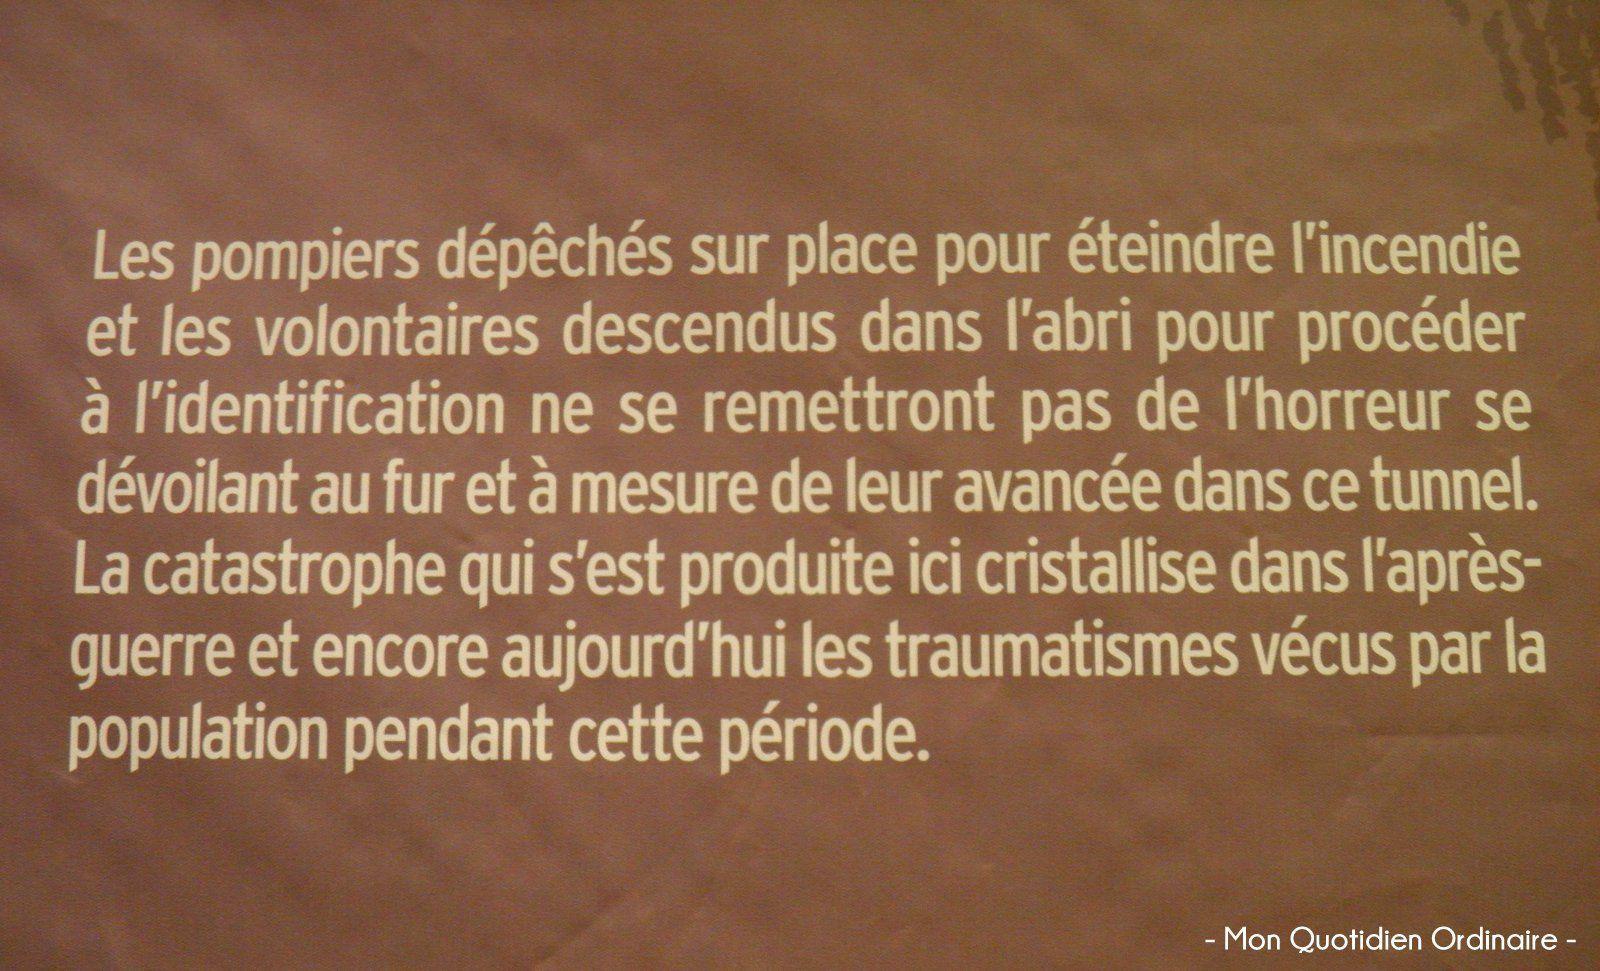 Devoir de mémoire: l'Abri Sadi Carnot à Brest